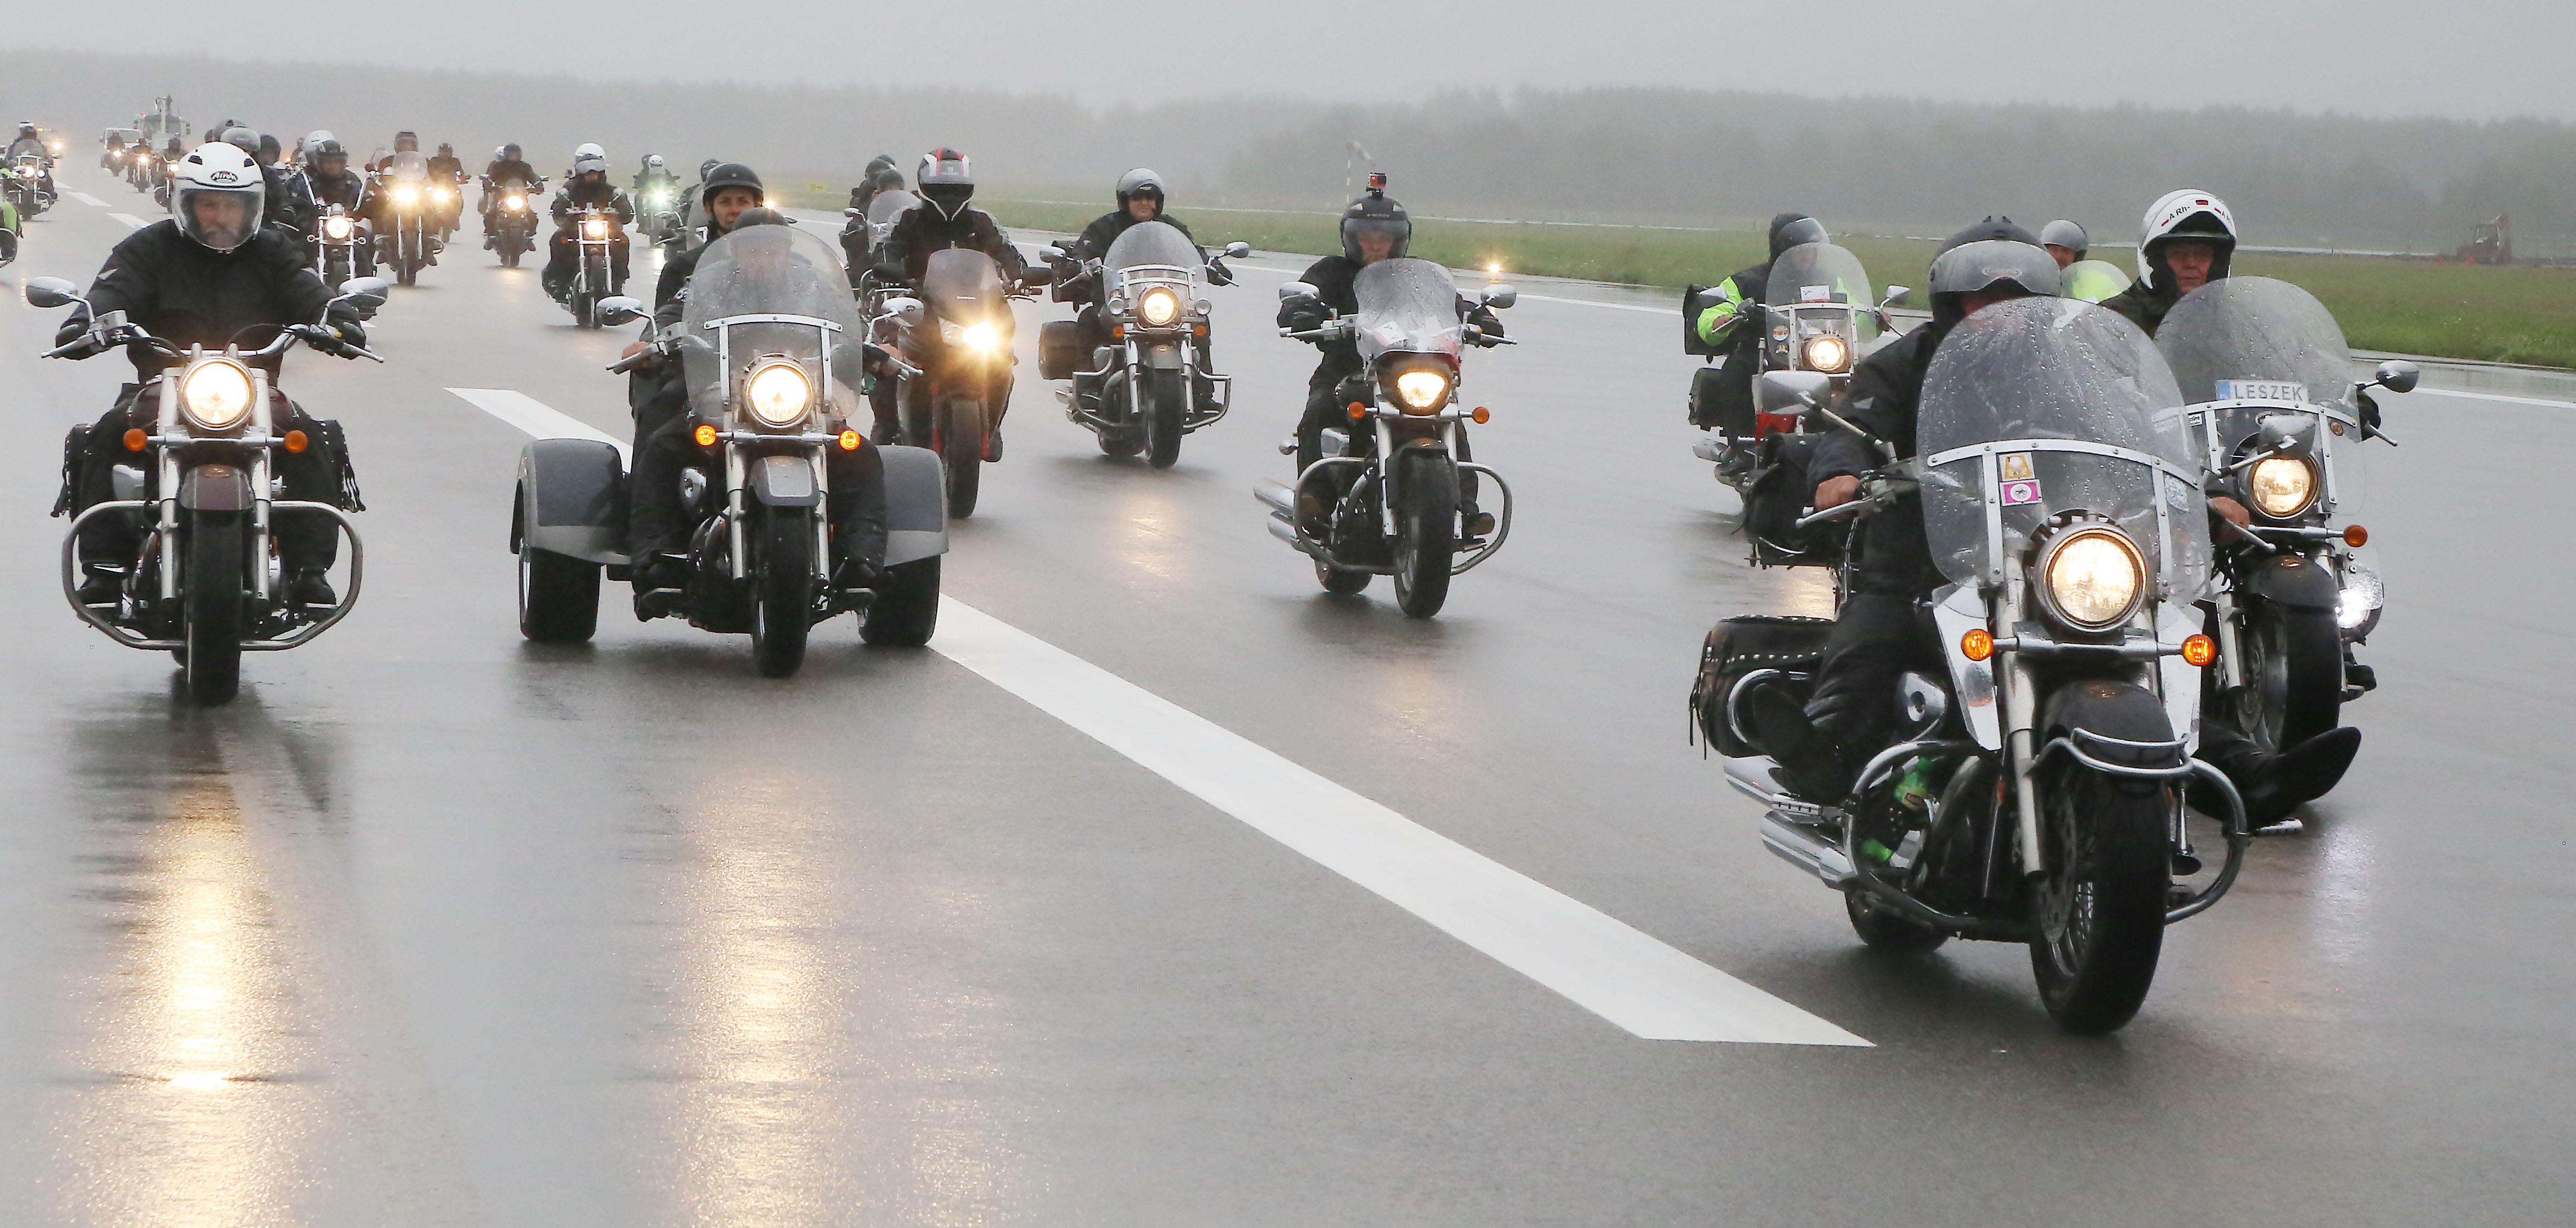 Motocykliści spotkali się na płycie lotniska w Szymanach [ZDJĘCIA, FILM]